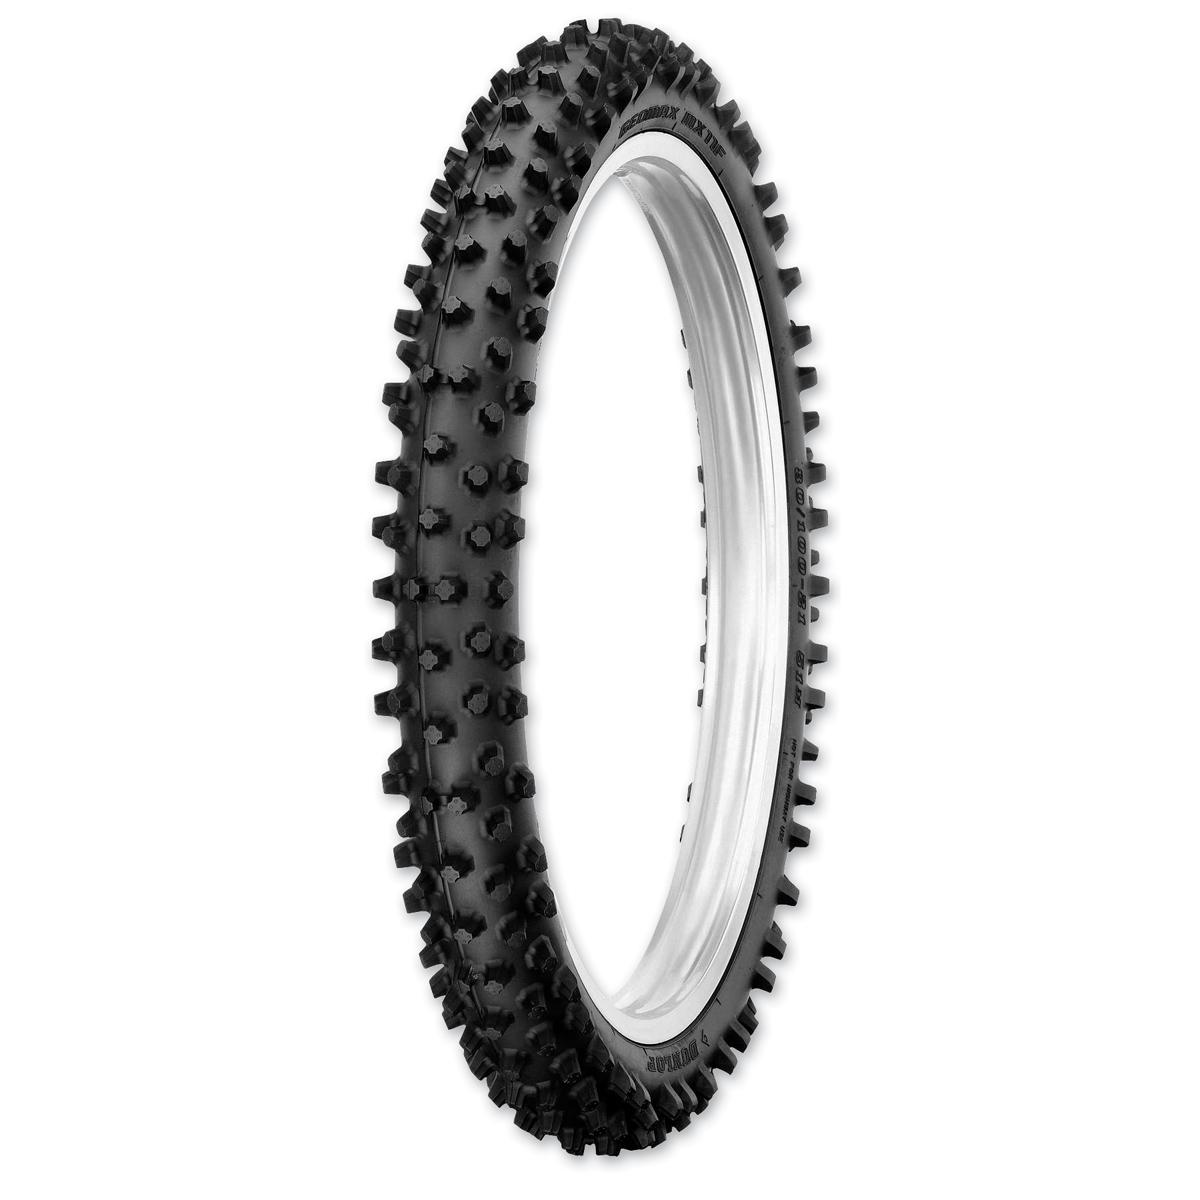 Dunlop MX11 80/100-21 S/T Front Tires